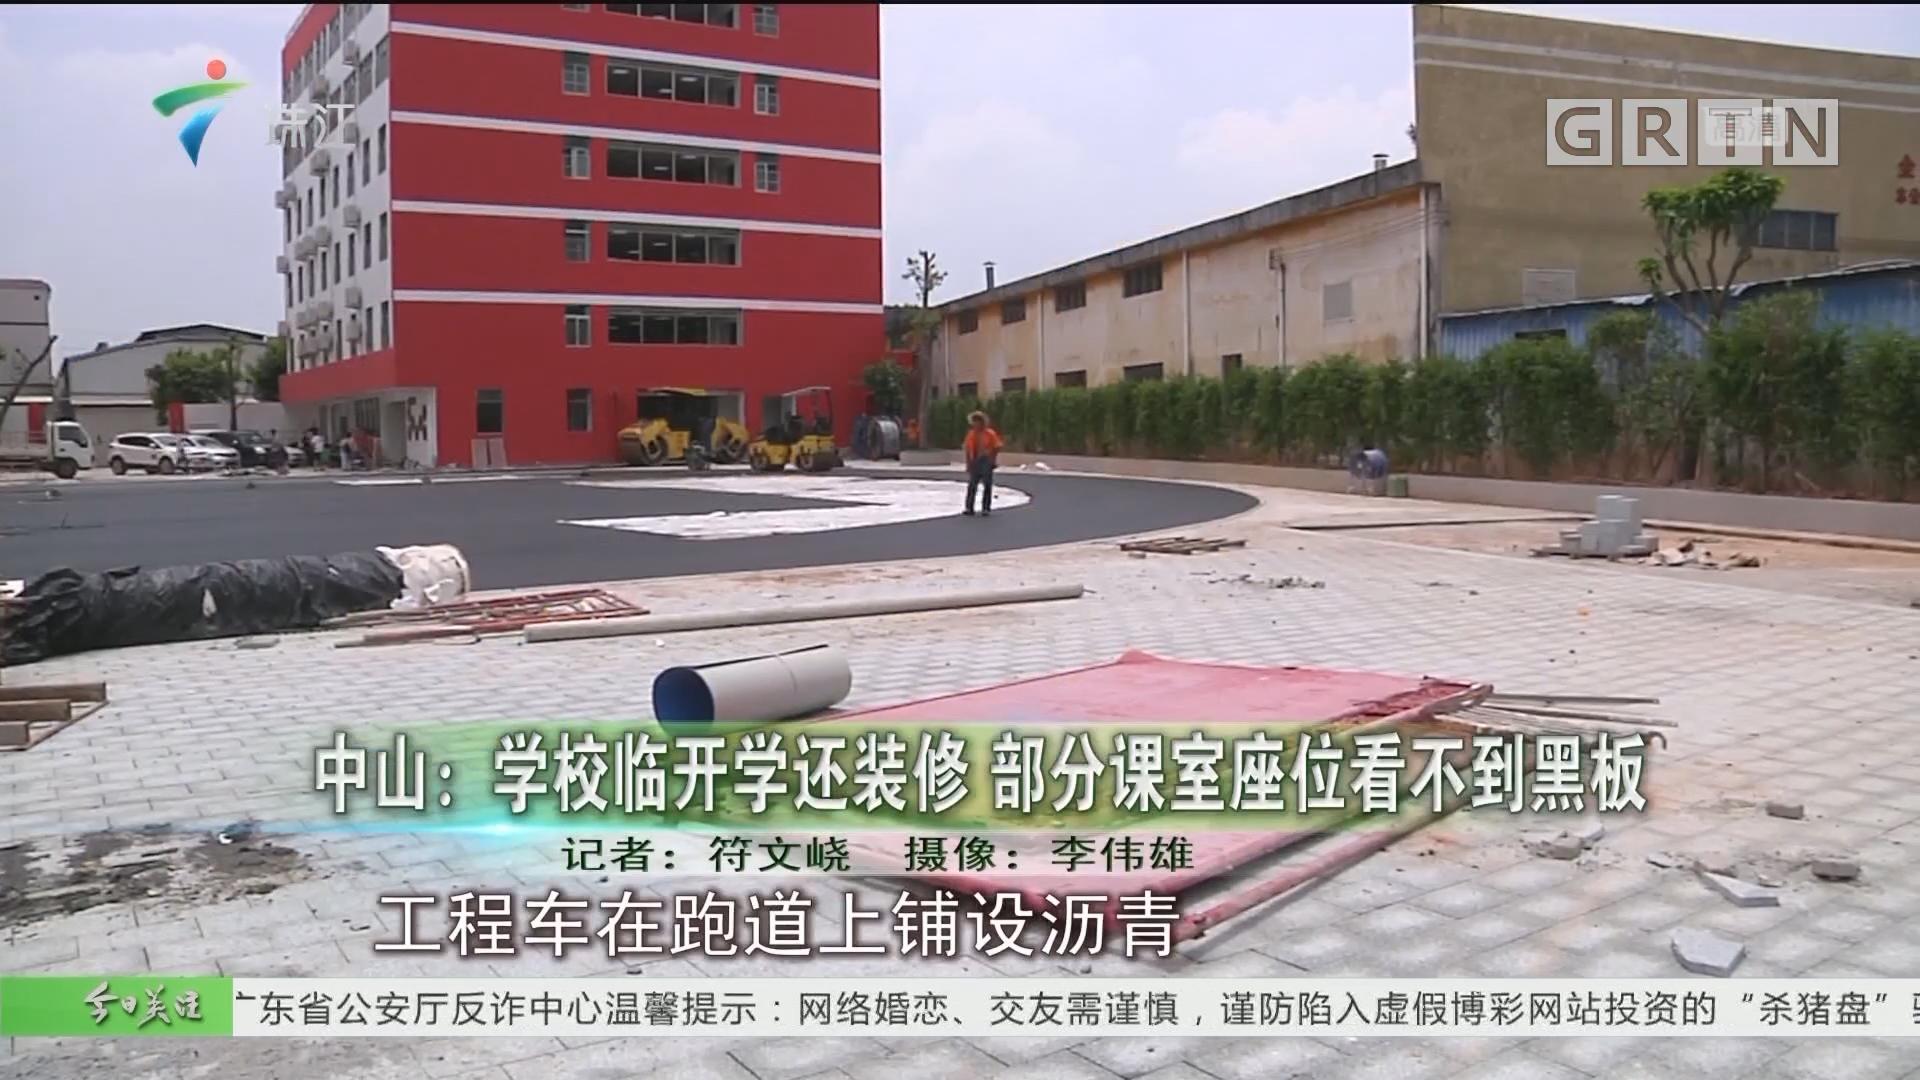 中山:学校临开学还装修 部分课室座位看不到黑板